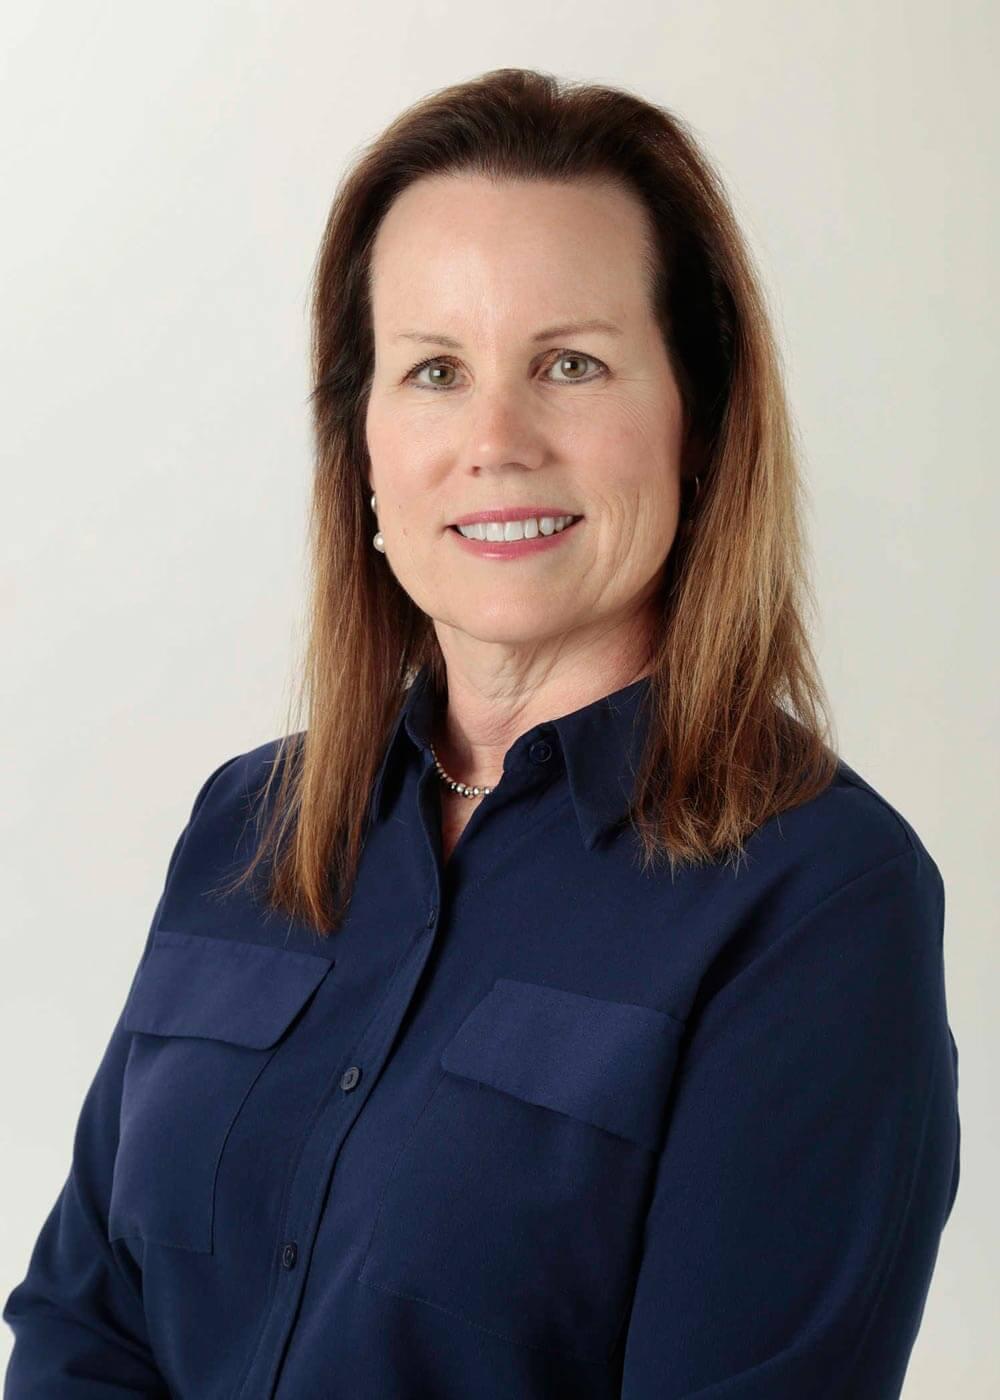 Regina Jones